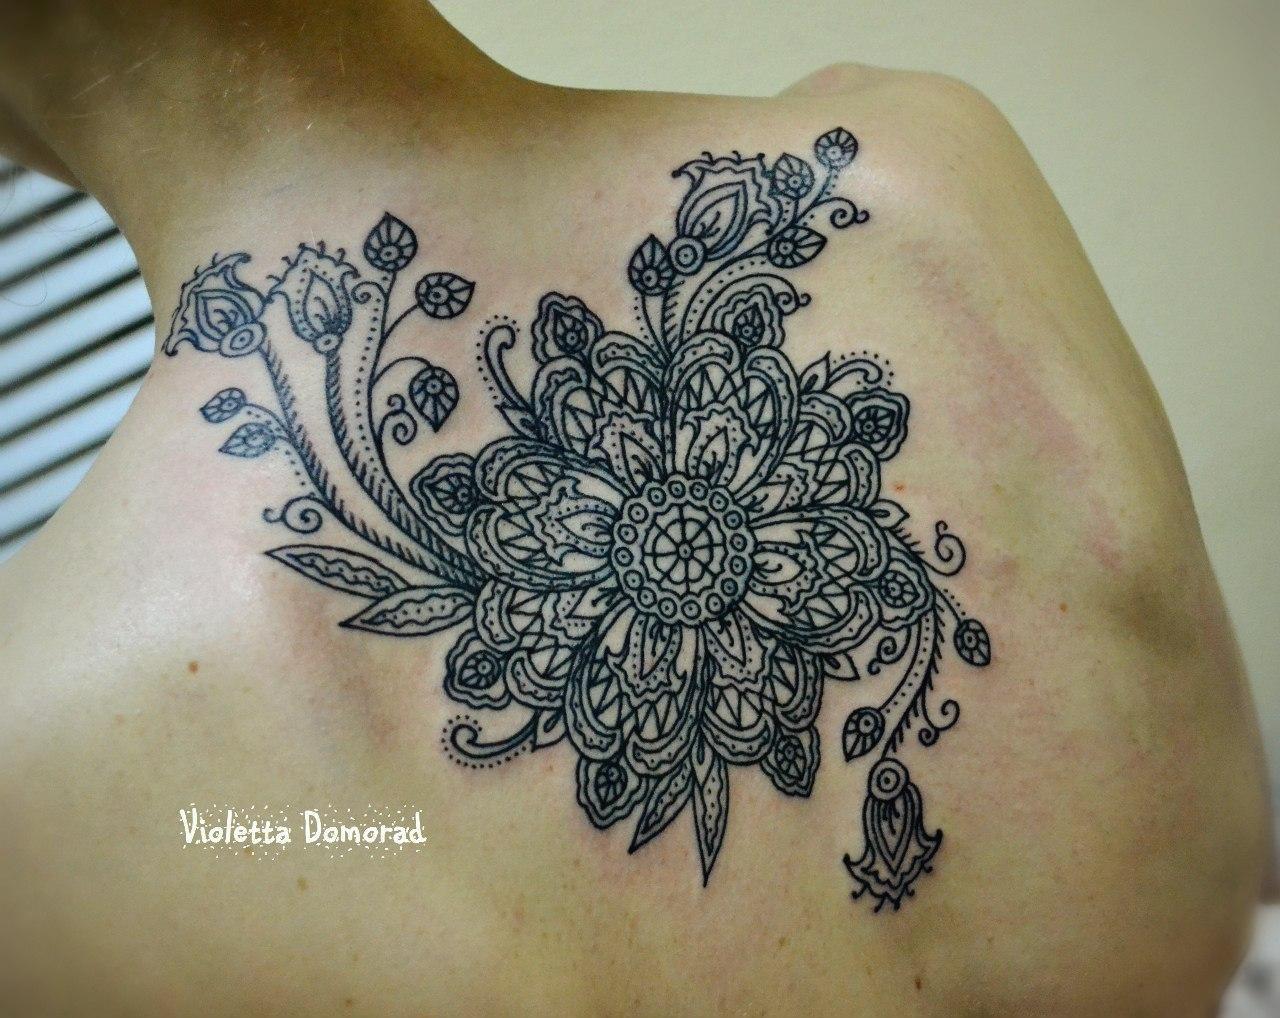 Татуировка выполнена на спине по индивидуальному эскизу в стиле индийских орнаментов. Мастер Виолетта Доморад. Один небольшой сенанс